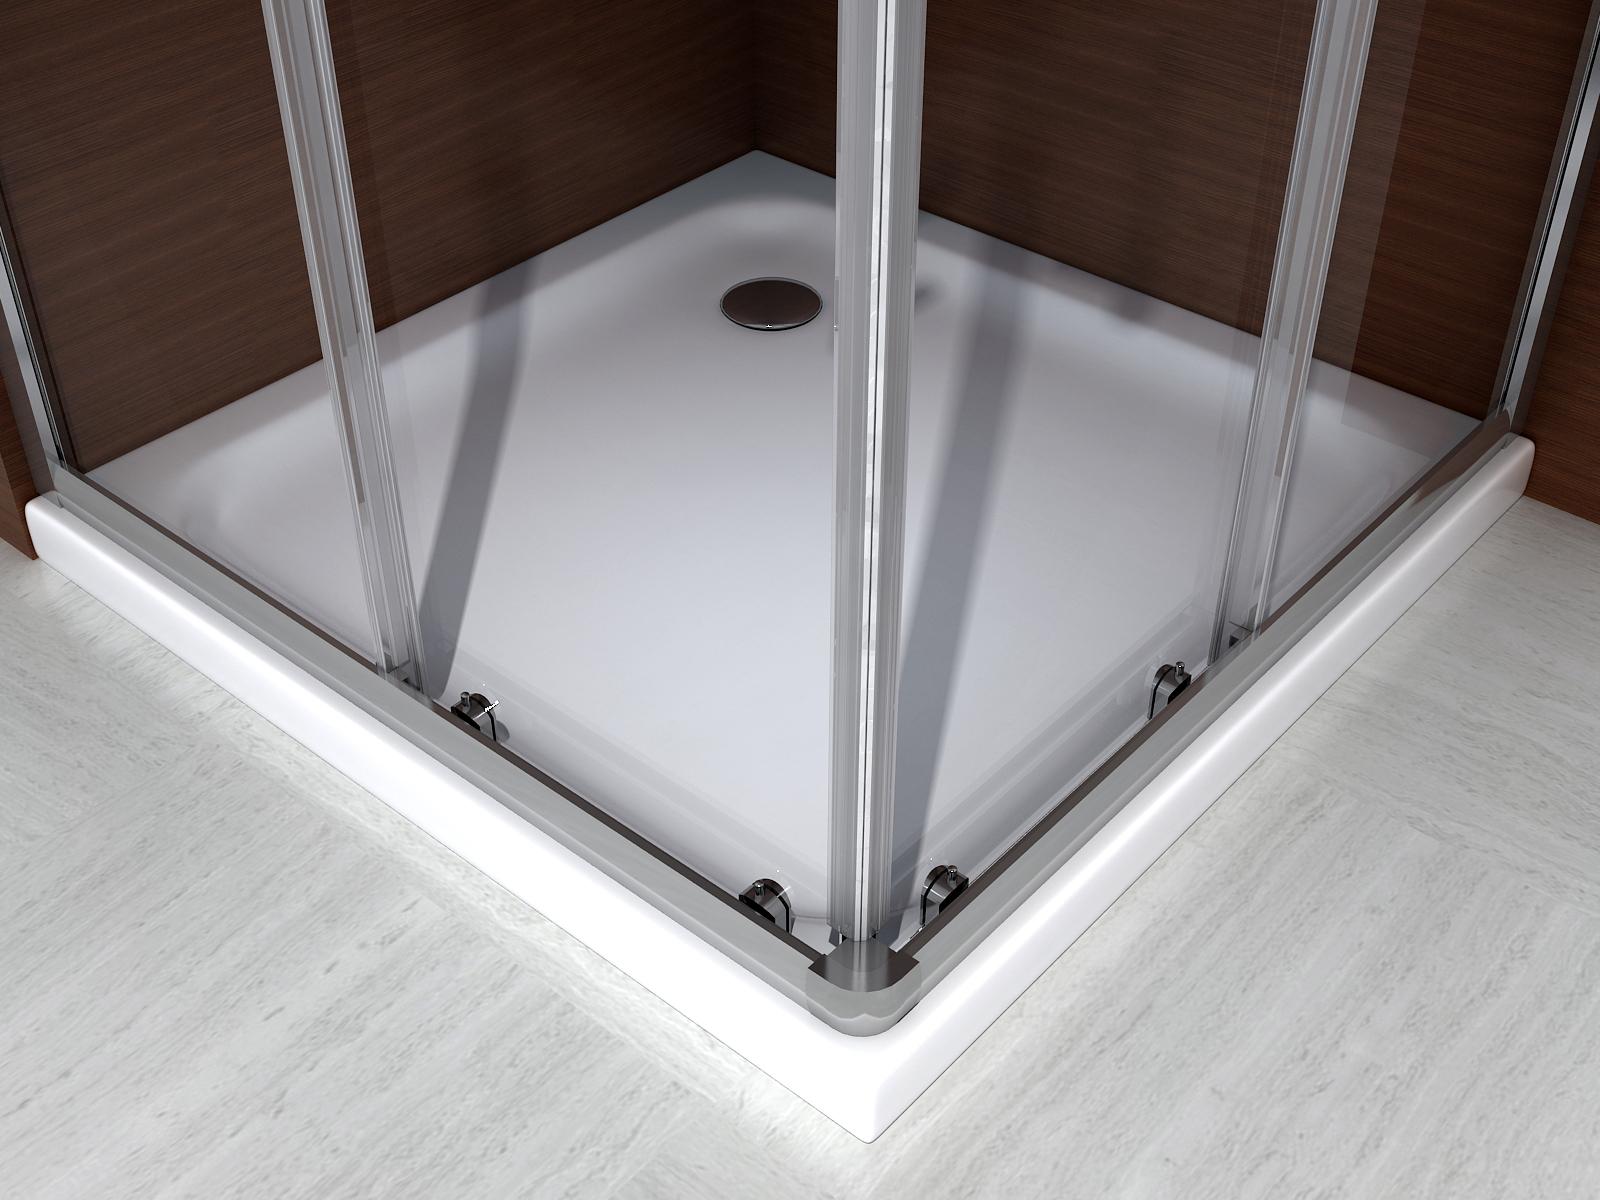 paroi de douche d angle porte coulissante en verre. Black Bedroom Furniture Sets. Home Design Ideas